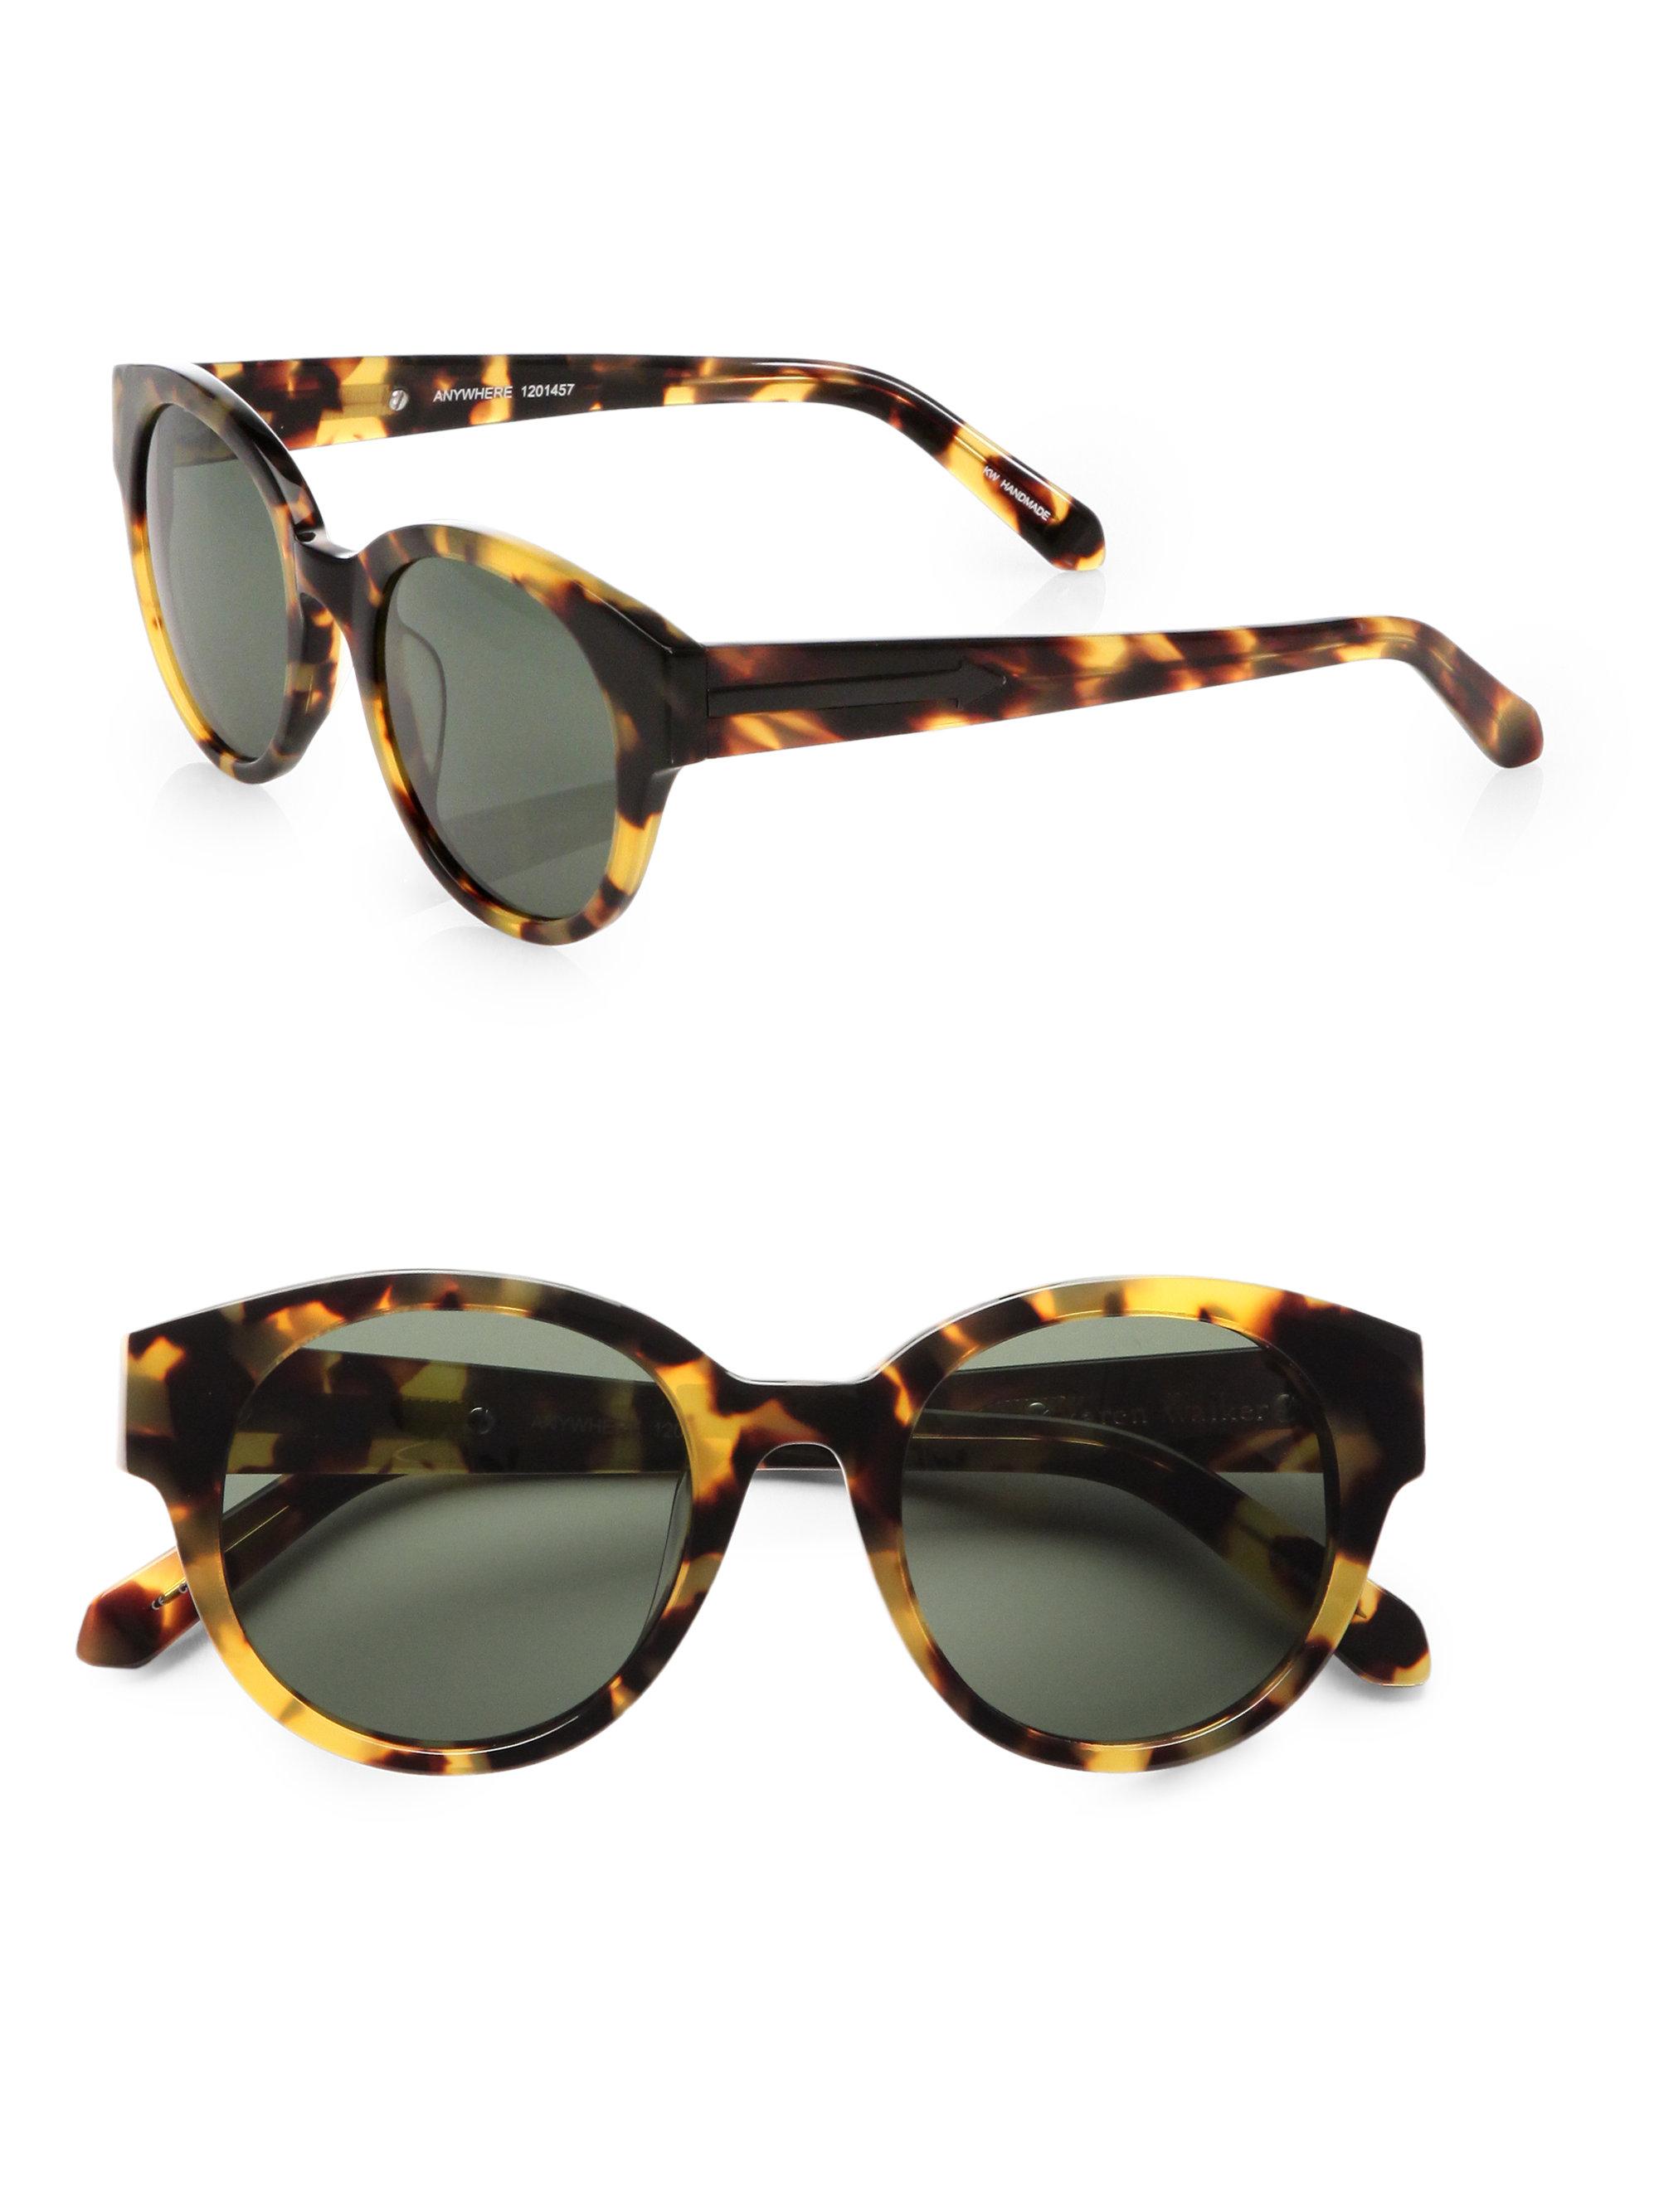 48208d90de19 Lyst - Karen Walker Anywhere Round Sunglasses tortoise